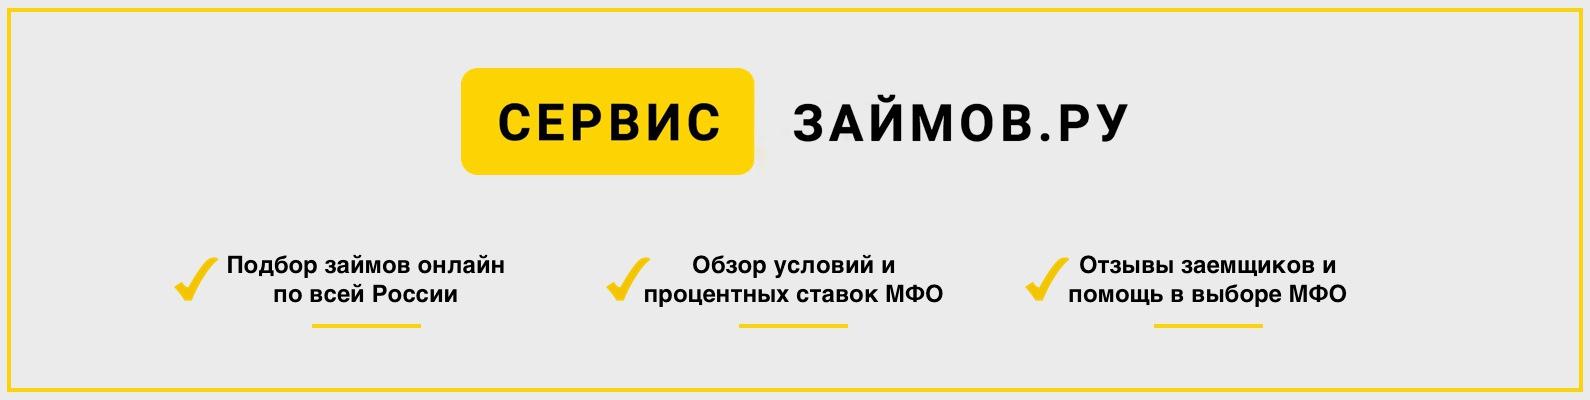 Кредит в сбербанке без подтверждения дохода на 300000 рублей